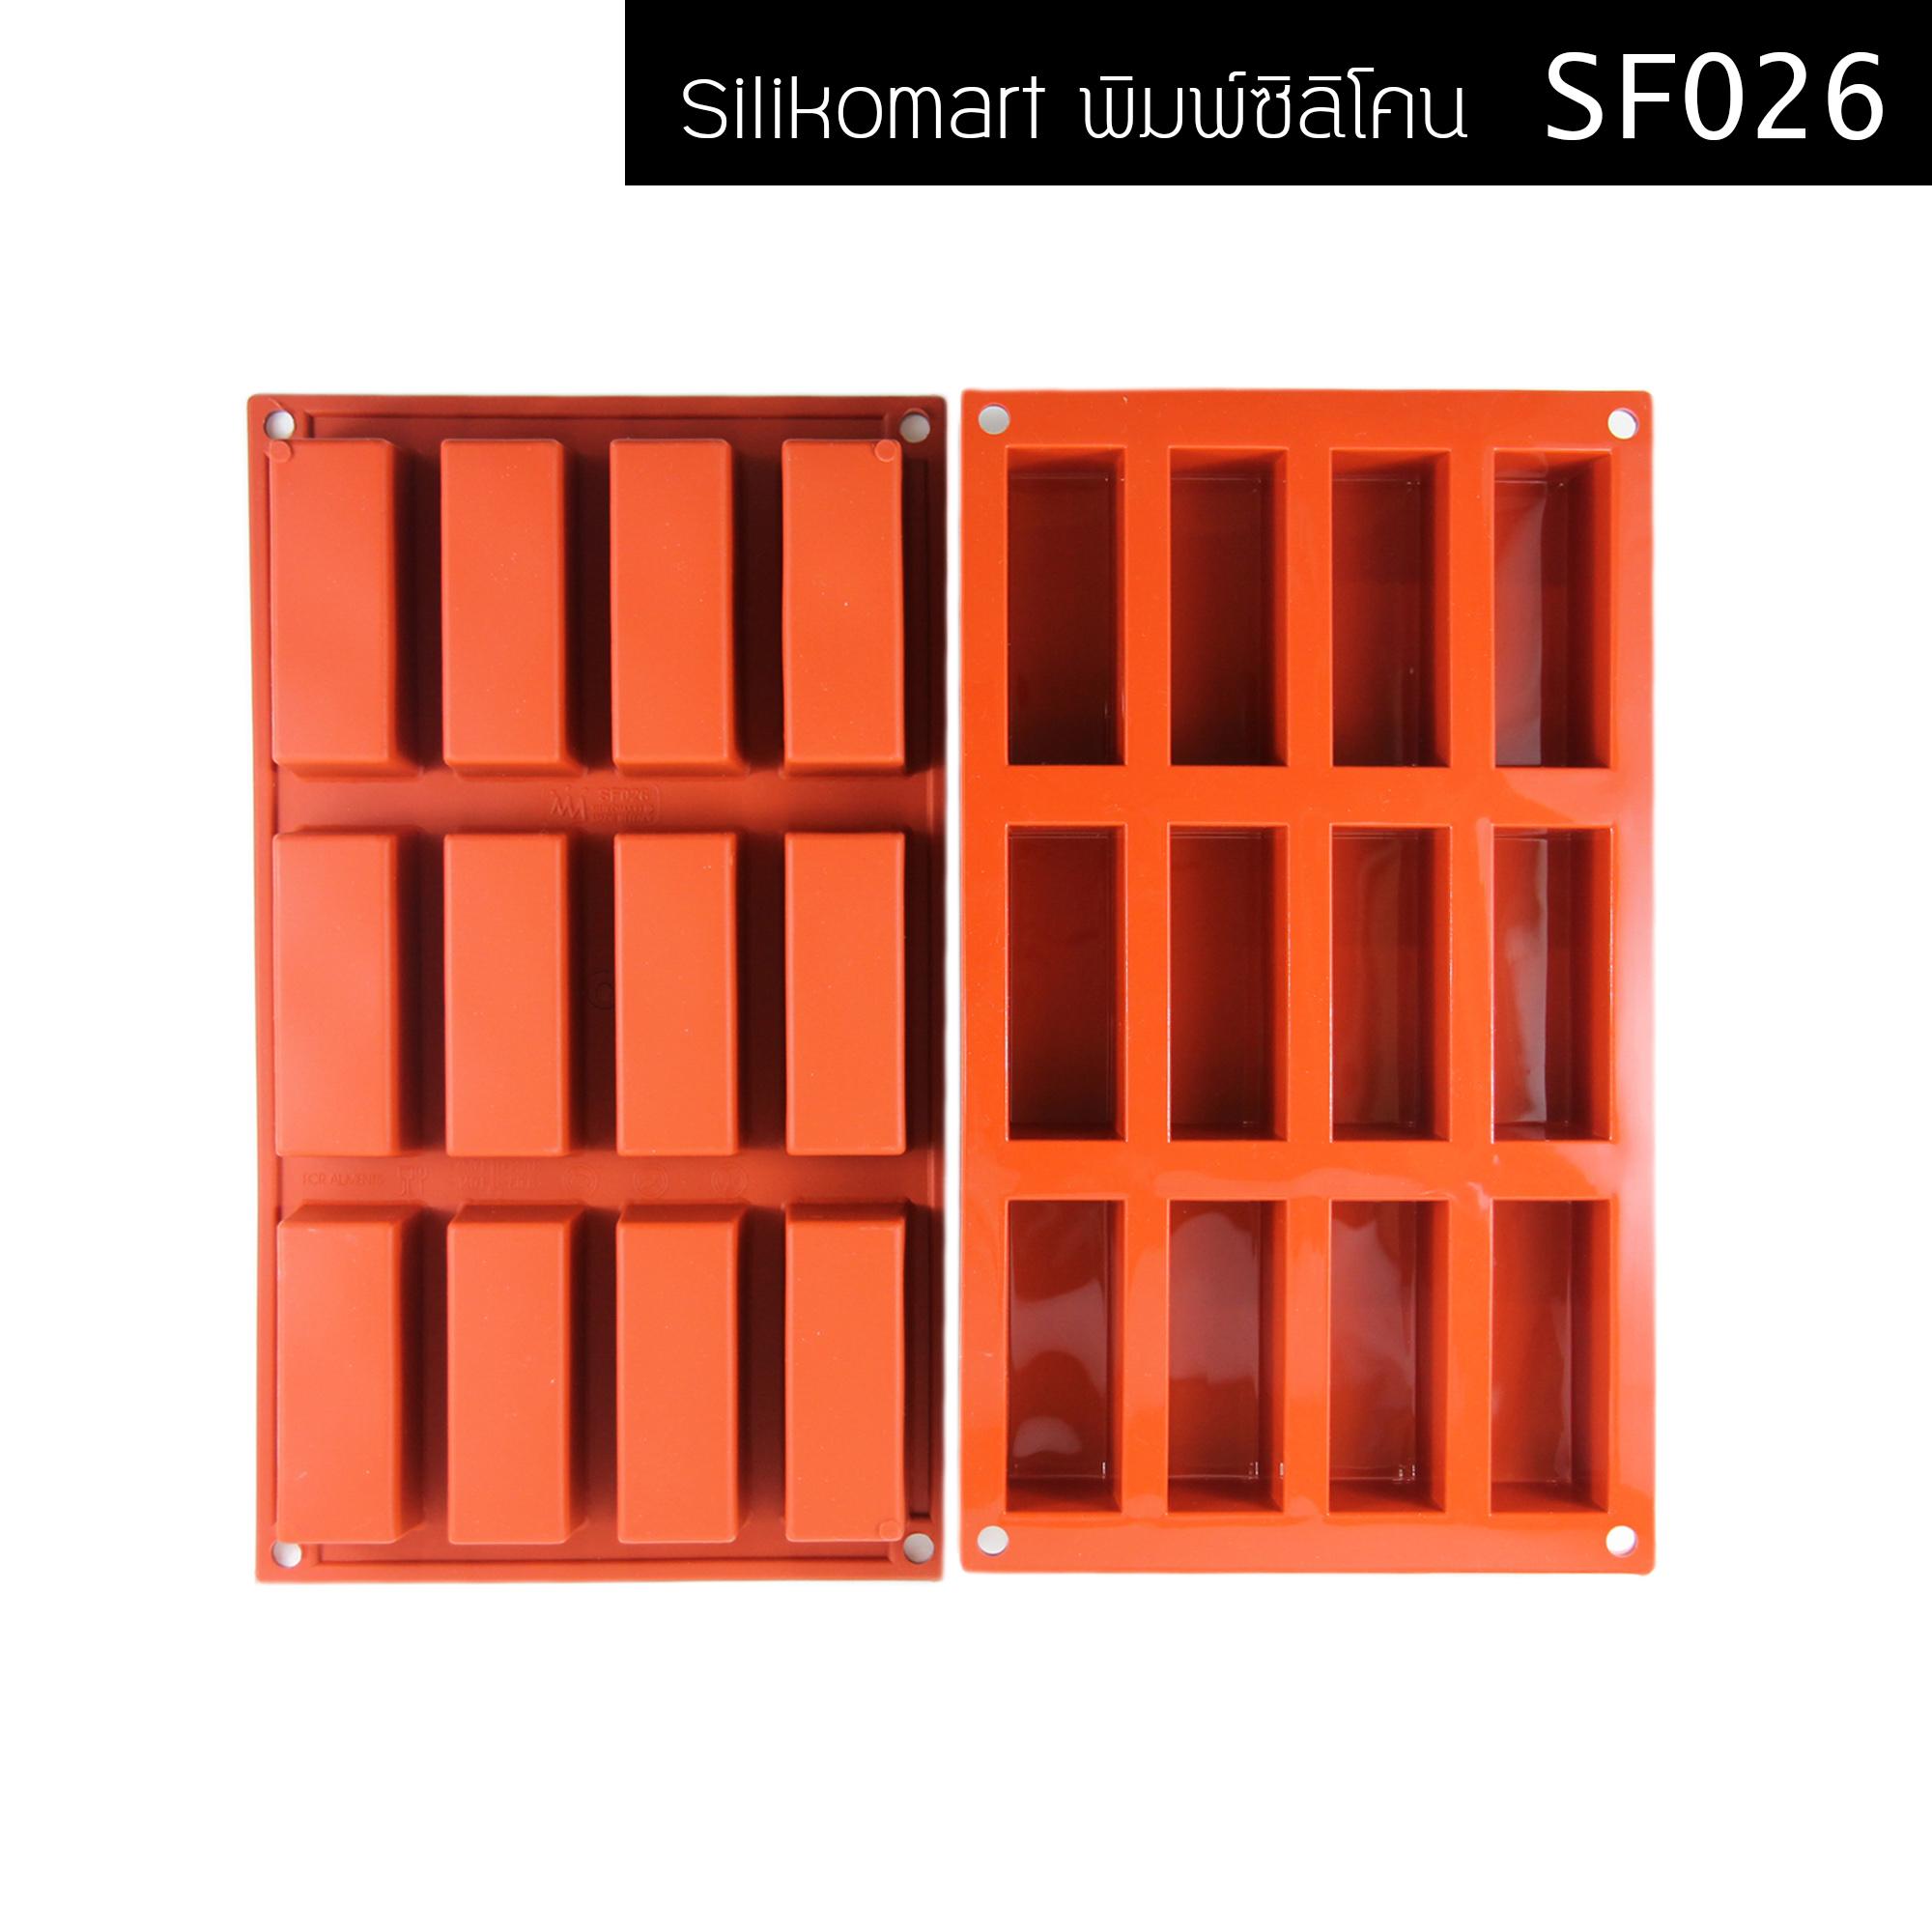 Silikomart พิมพ์ซิลิโคน SF026 Cakes